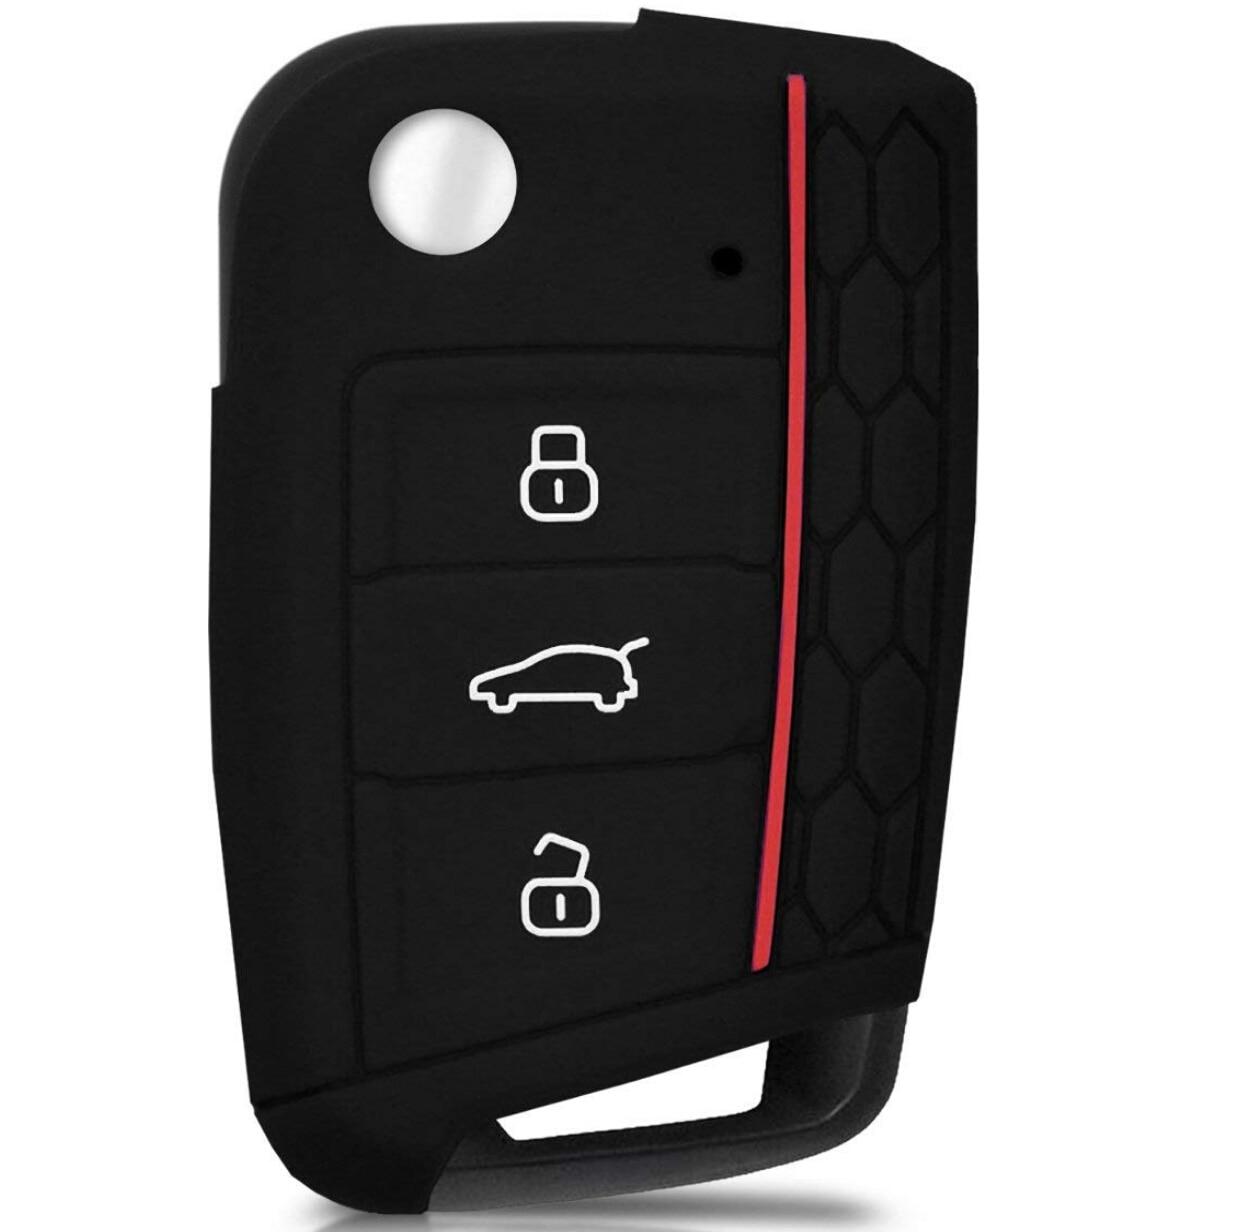 Силиконовый резиновый автомобильный ключ для стайлинга автомобиля чехол Чехол для VW Volkswagen Golf 7 mk7 Skoda Octavia A7 автомобильный Стайлинг